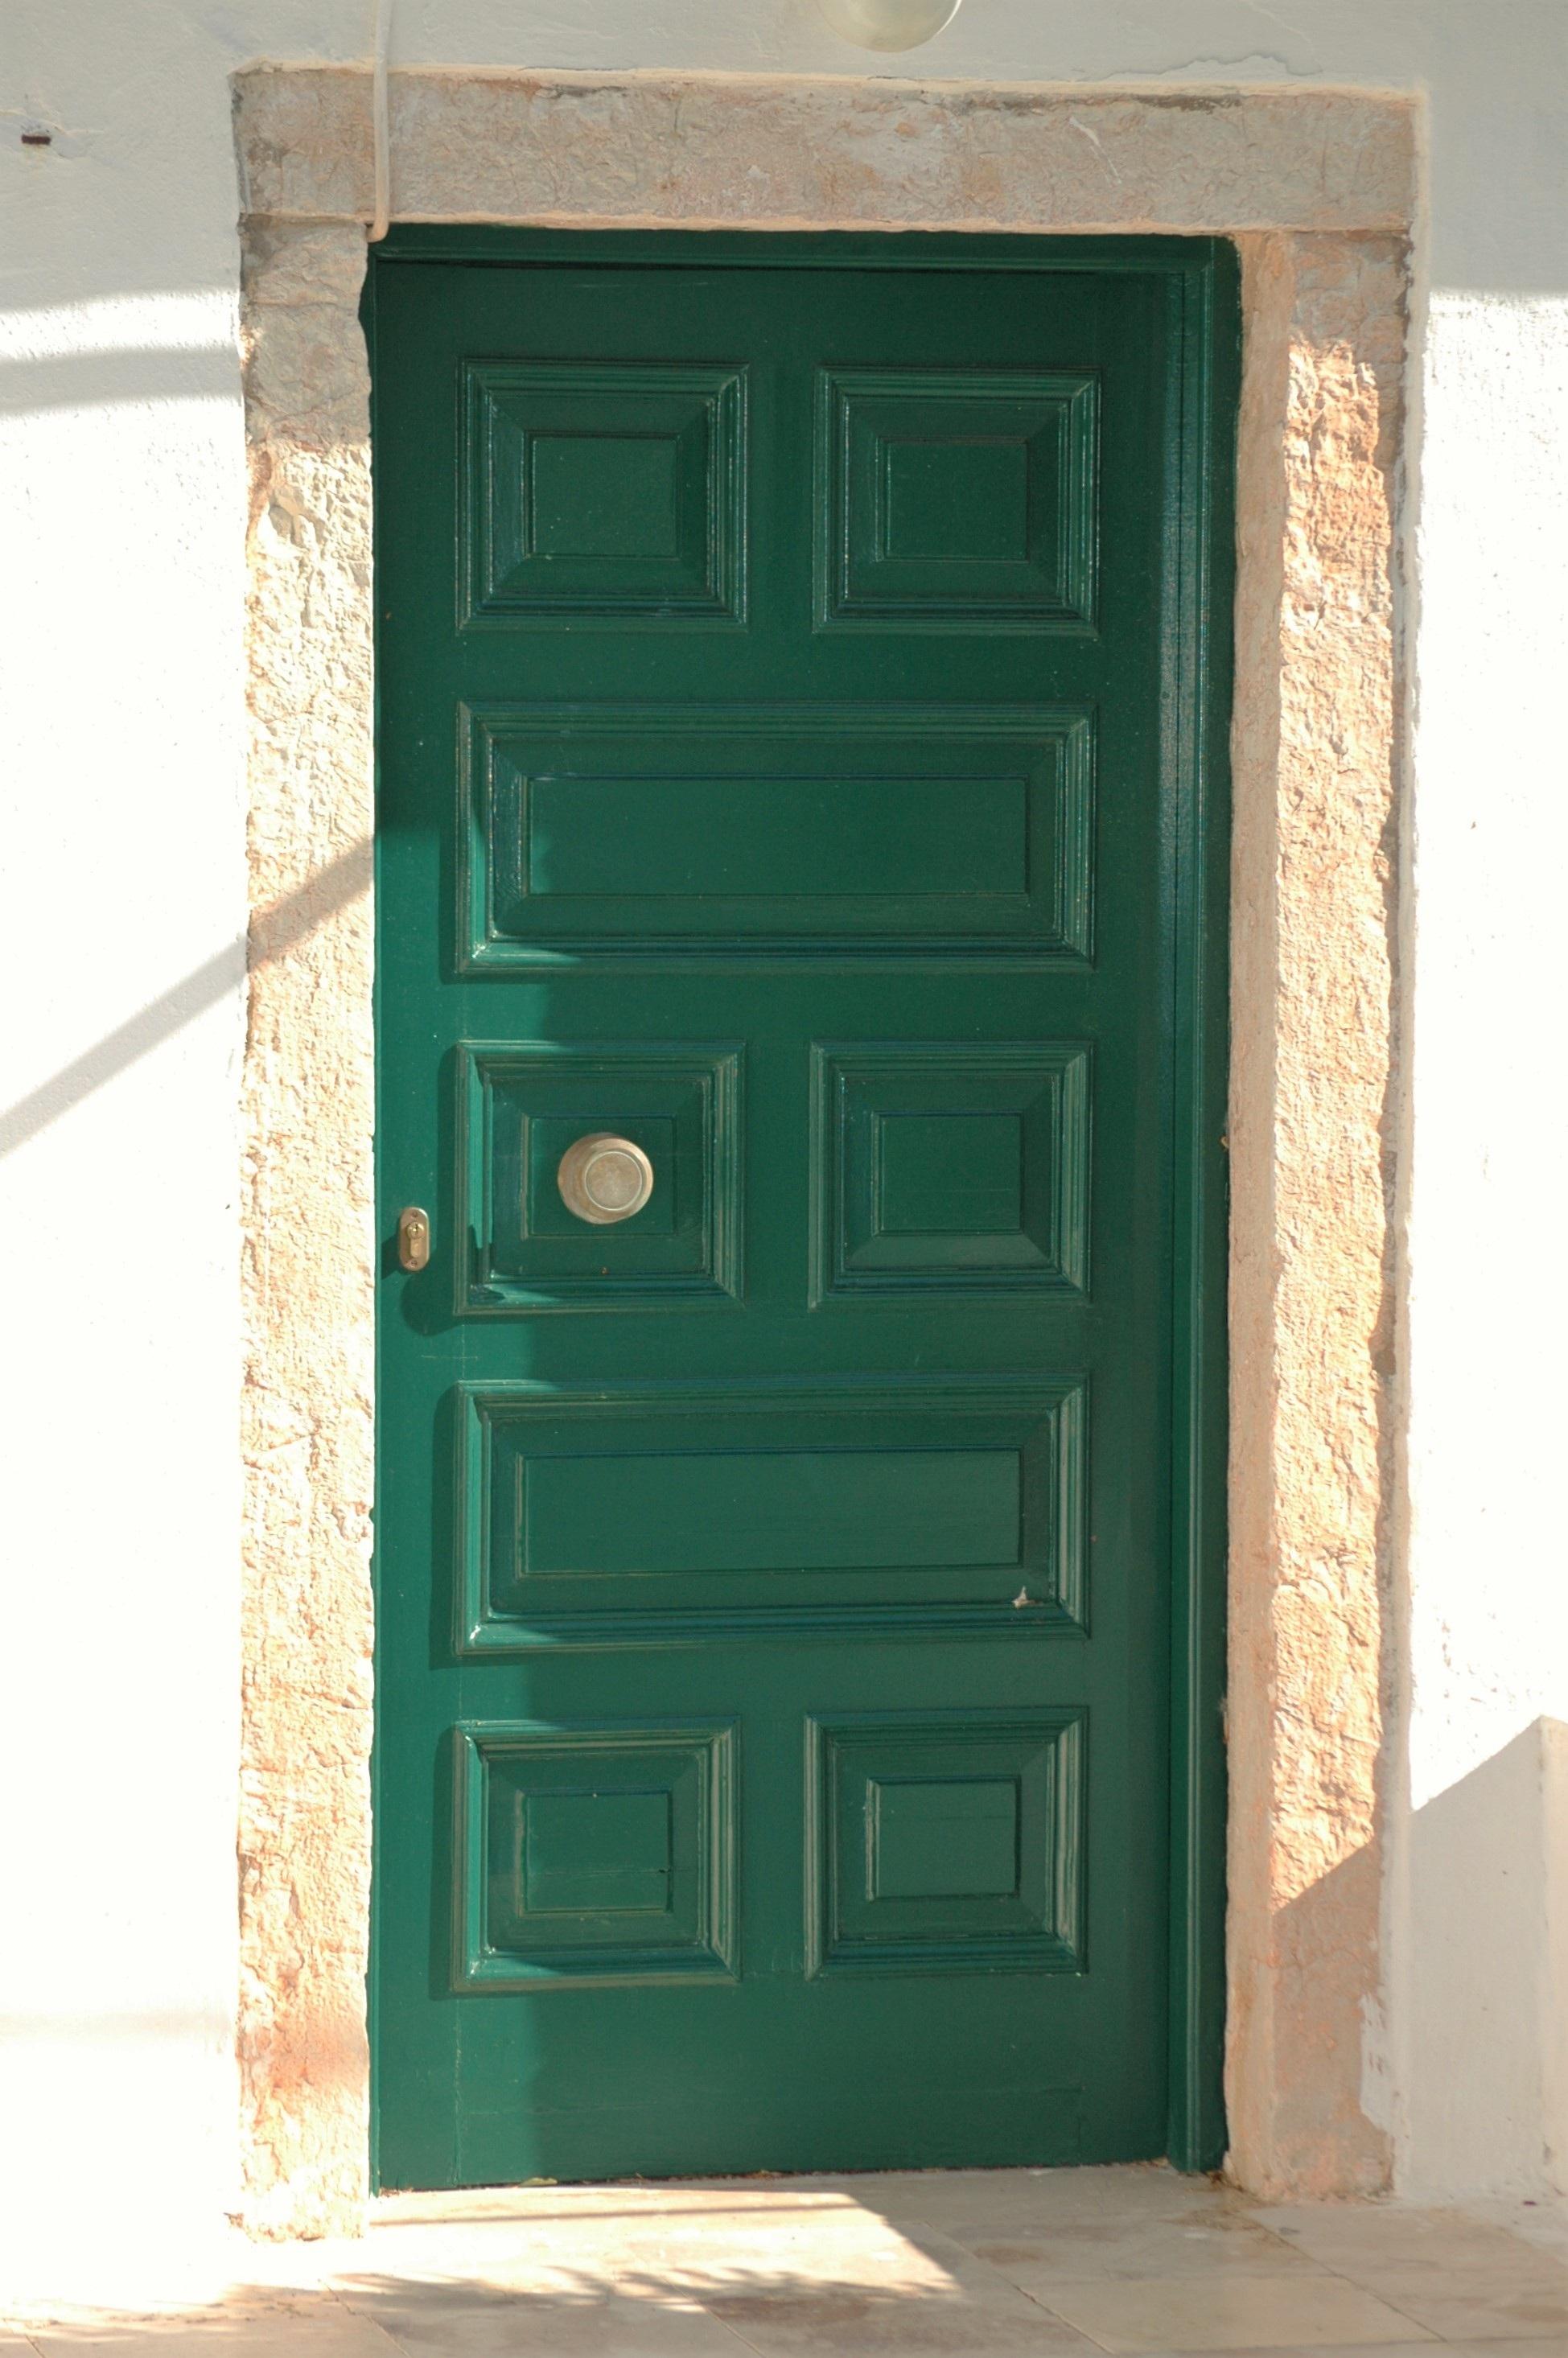 Images Gratuites Bois Fenetre Maison Vert Cadre Meubles